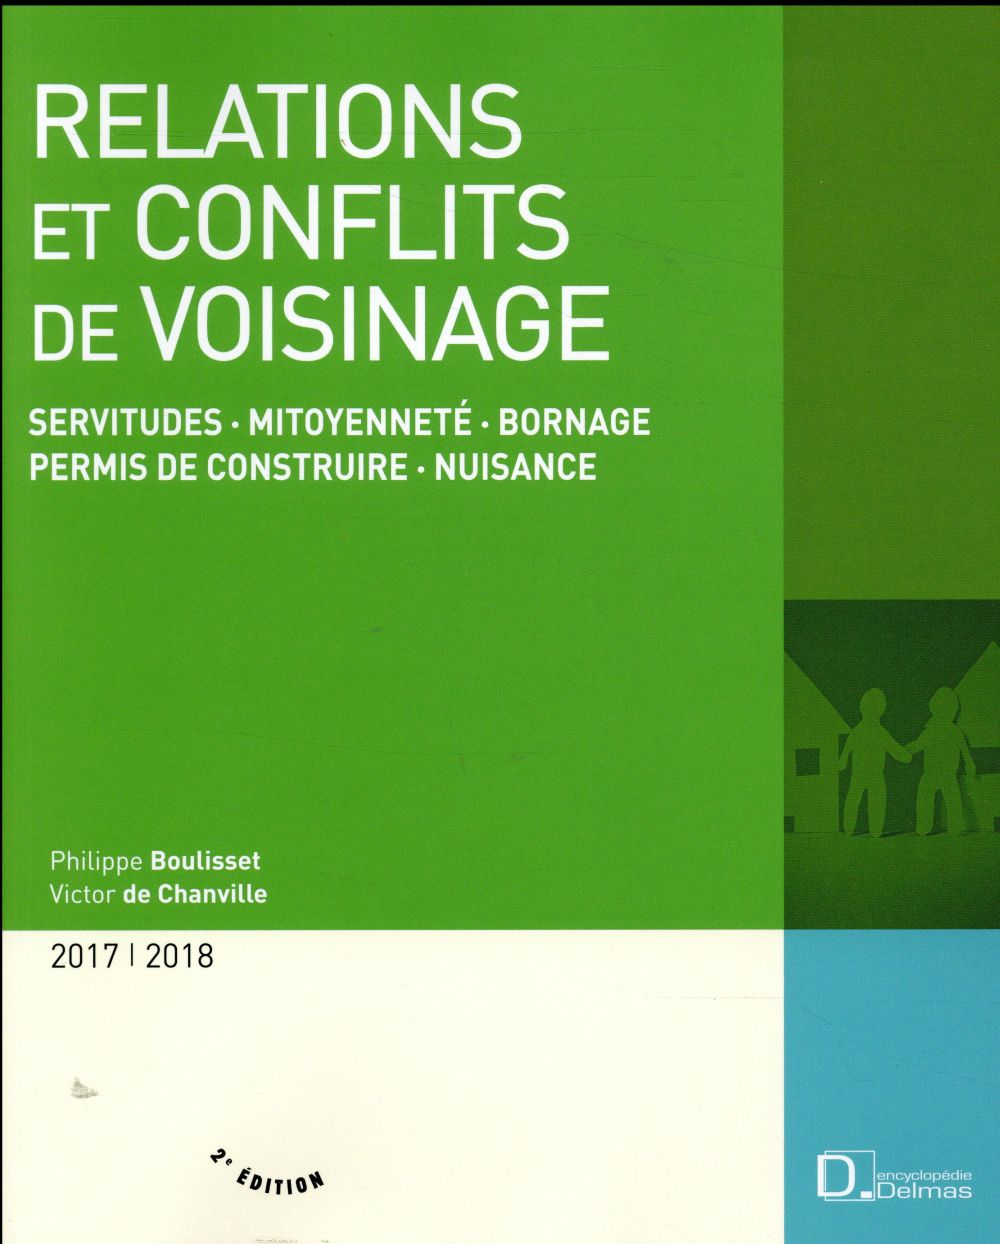 Relations et conflits de voisinage (édition 2017/2018)